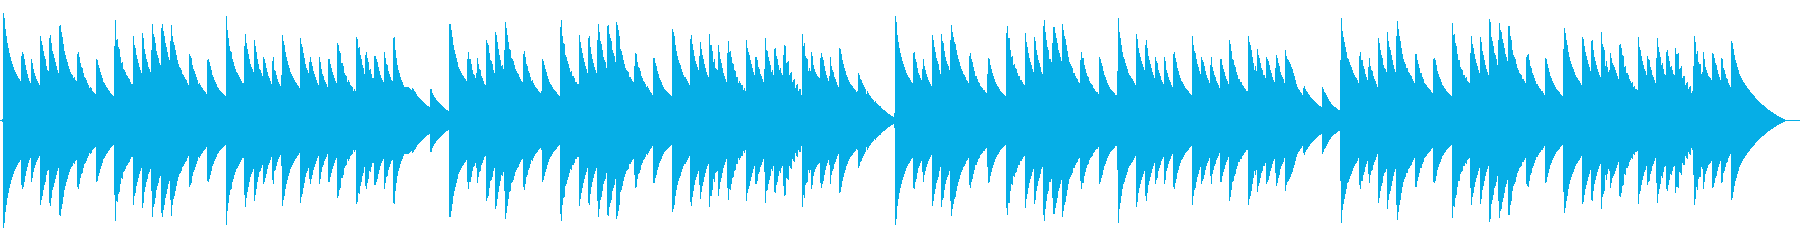 電話 保留音01-2(メヌエット)の再生済みの波形